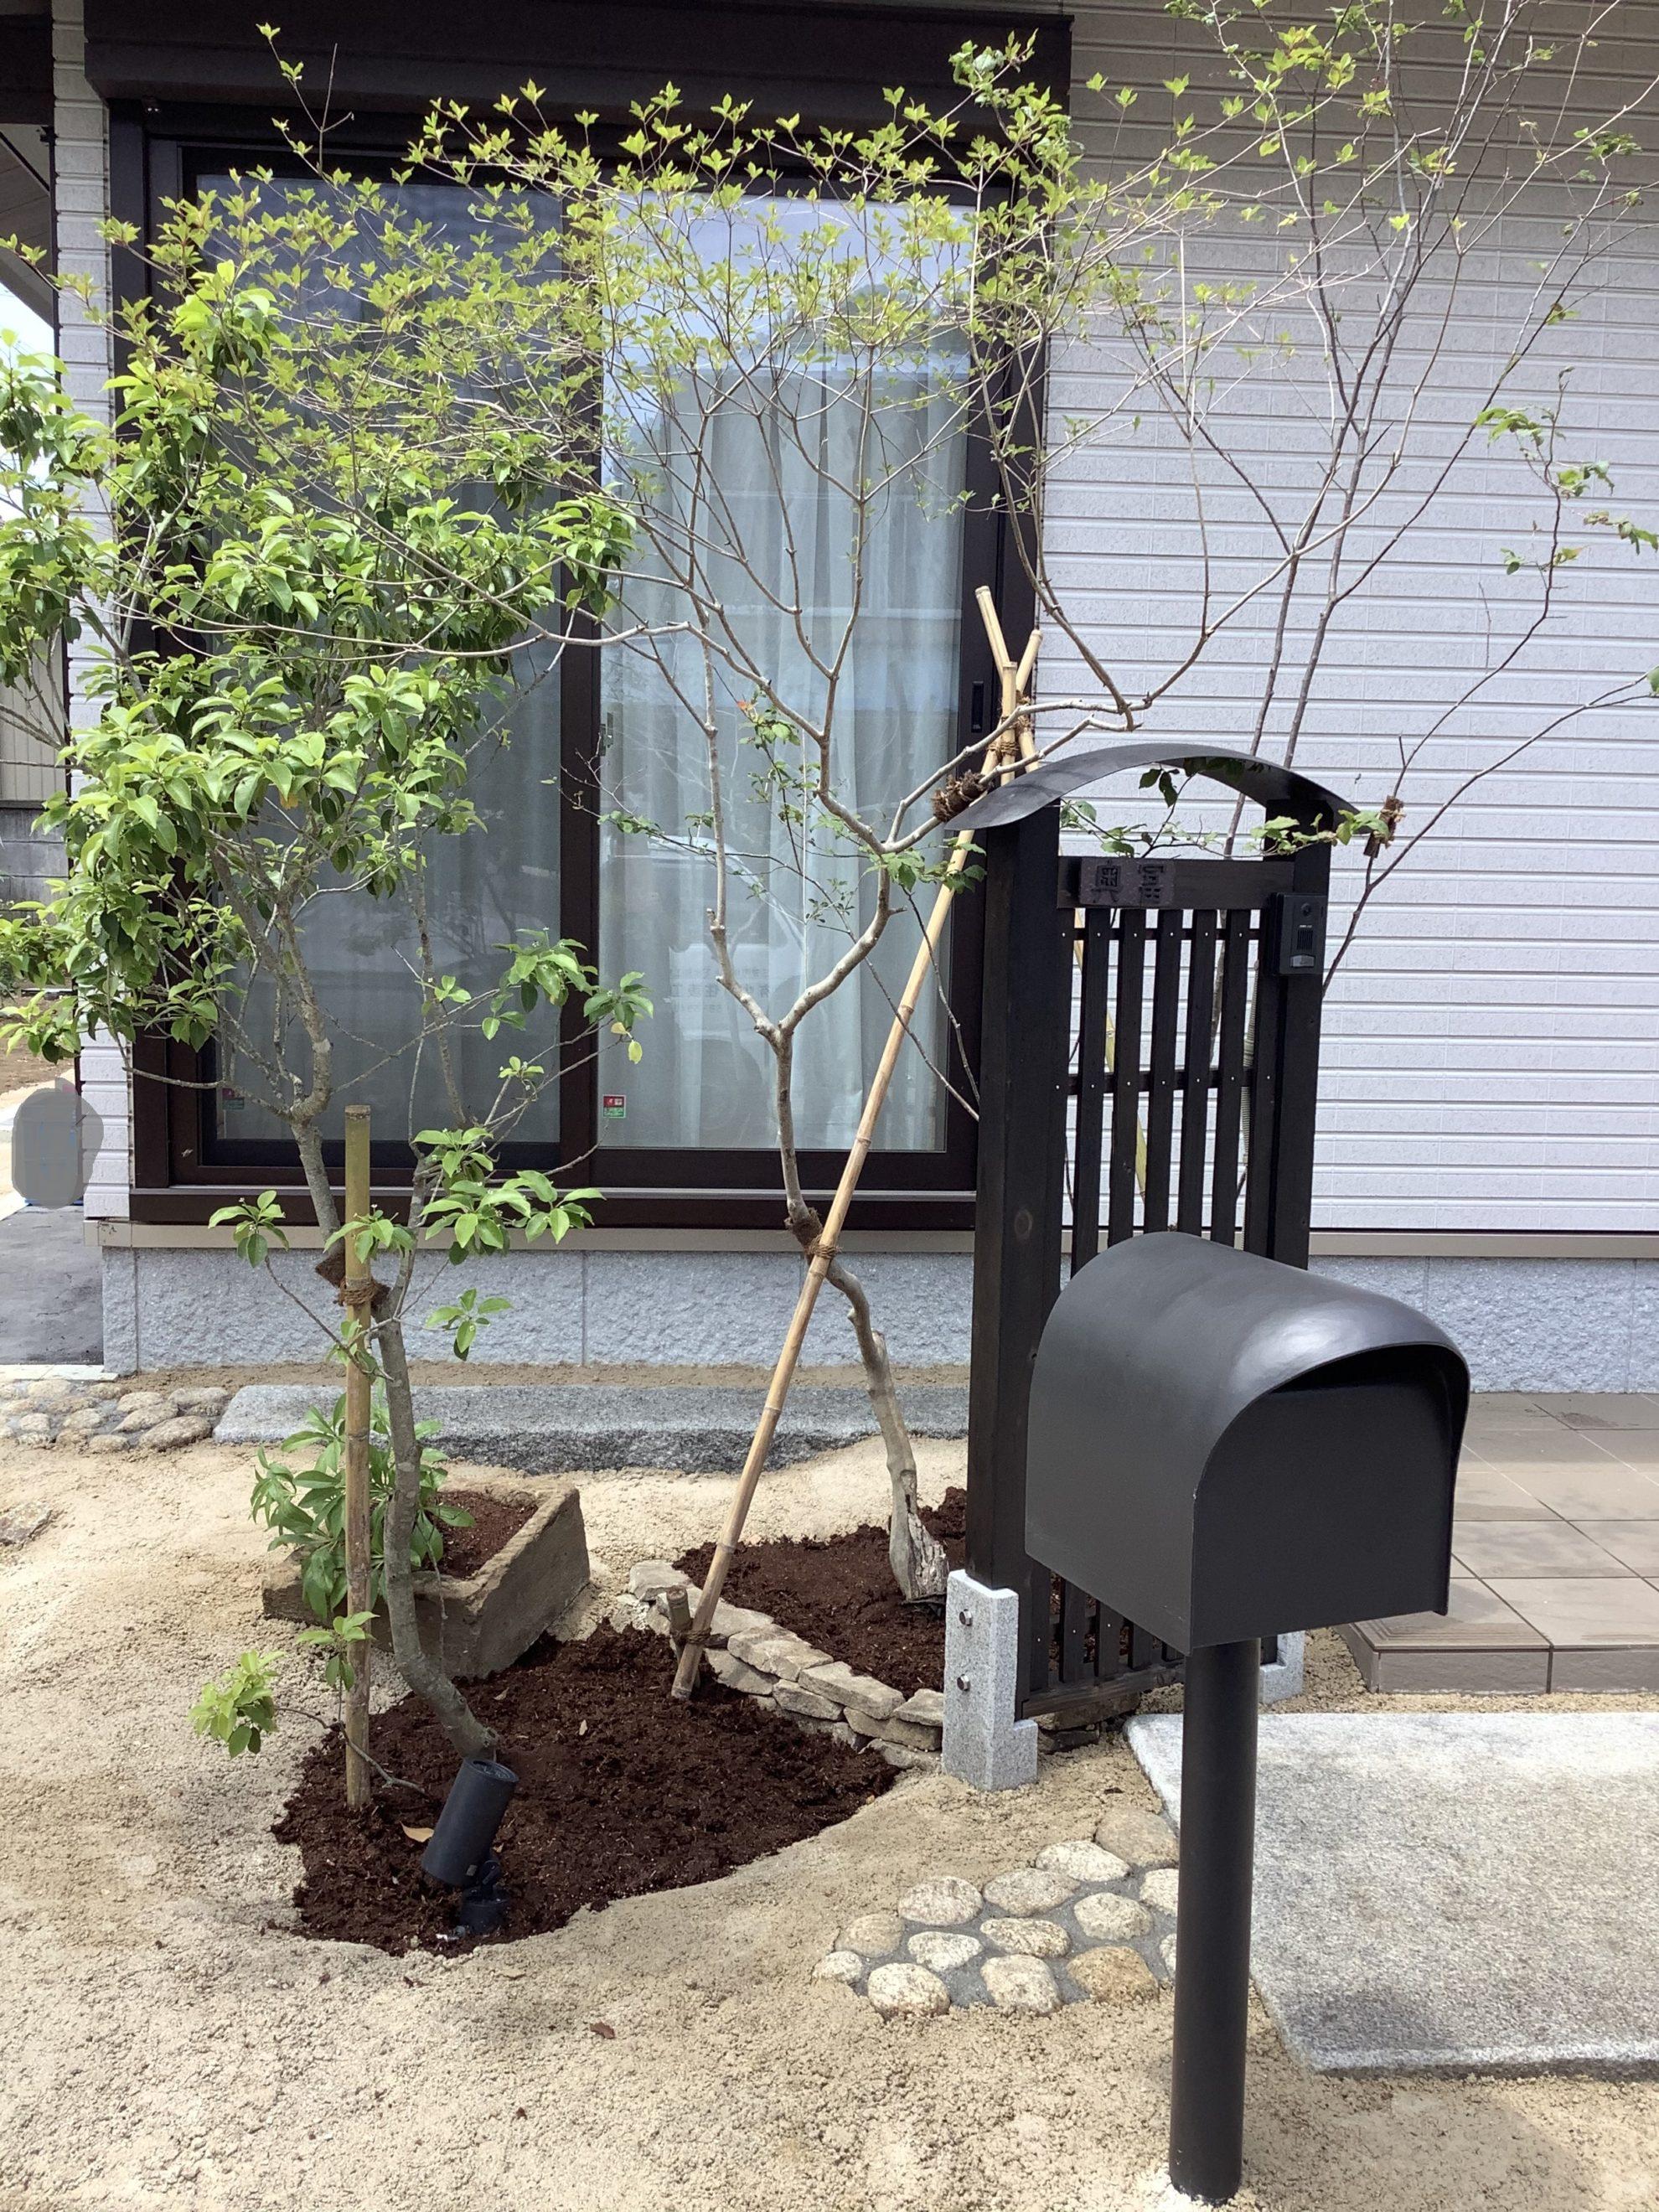 アイアンと自然材料の庭 外構 埼玉県(狭山市)-17